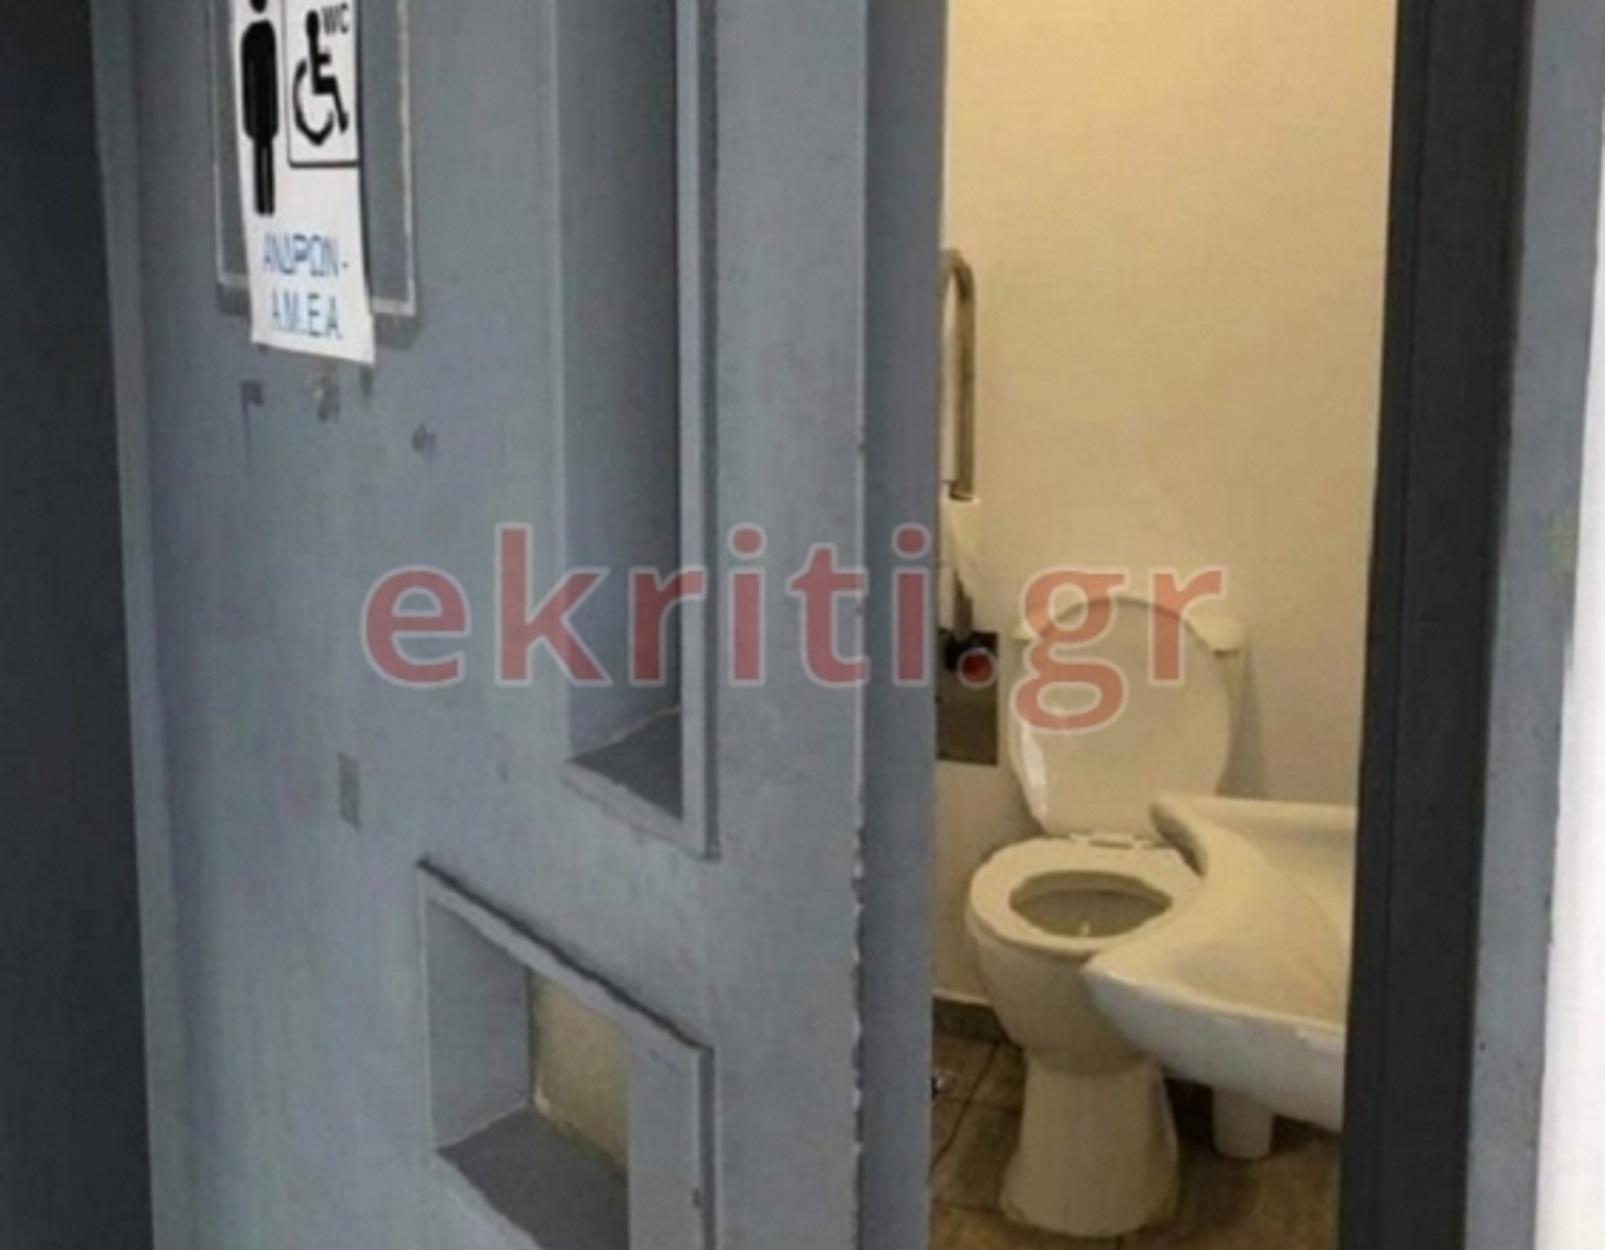 Απίστευτο! Τουαλέτα... ασανσέρ σε δημόσια υπηρεσία στο Ηράκλειο!